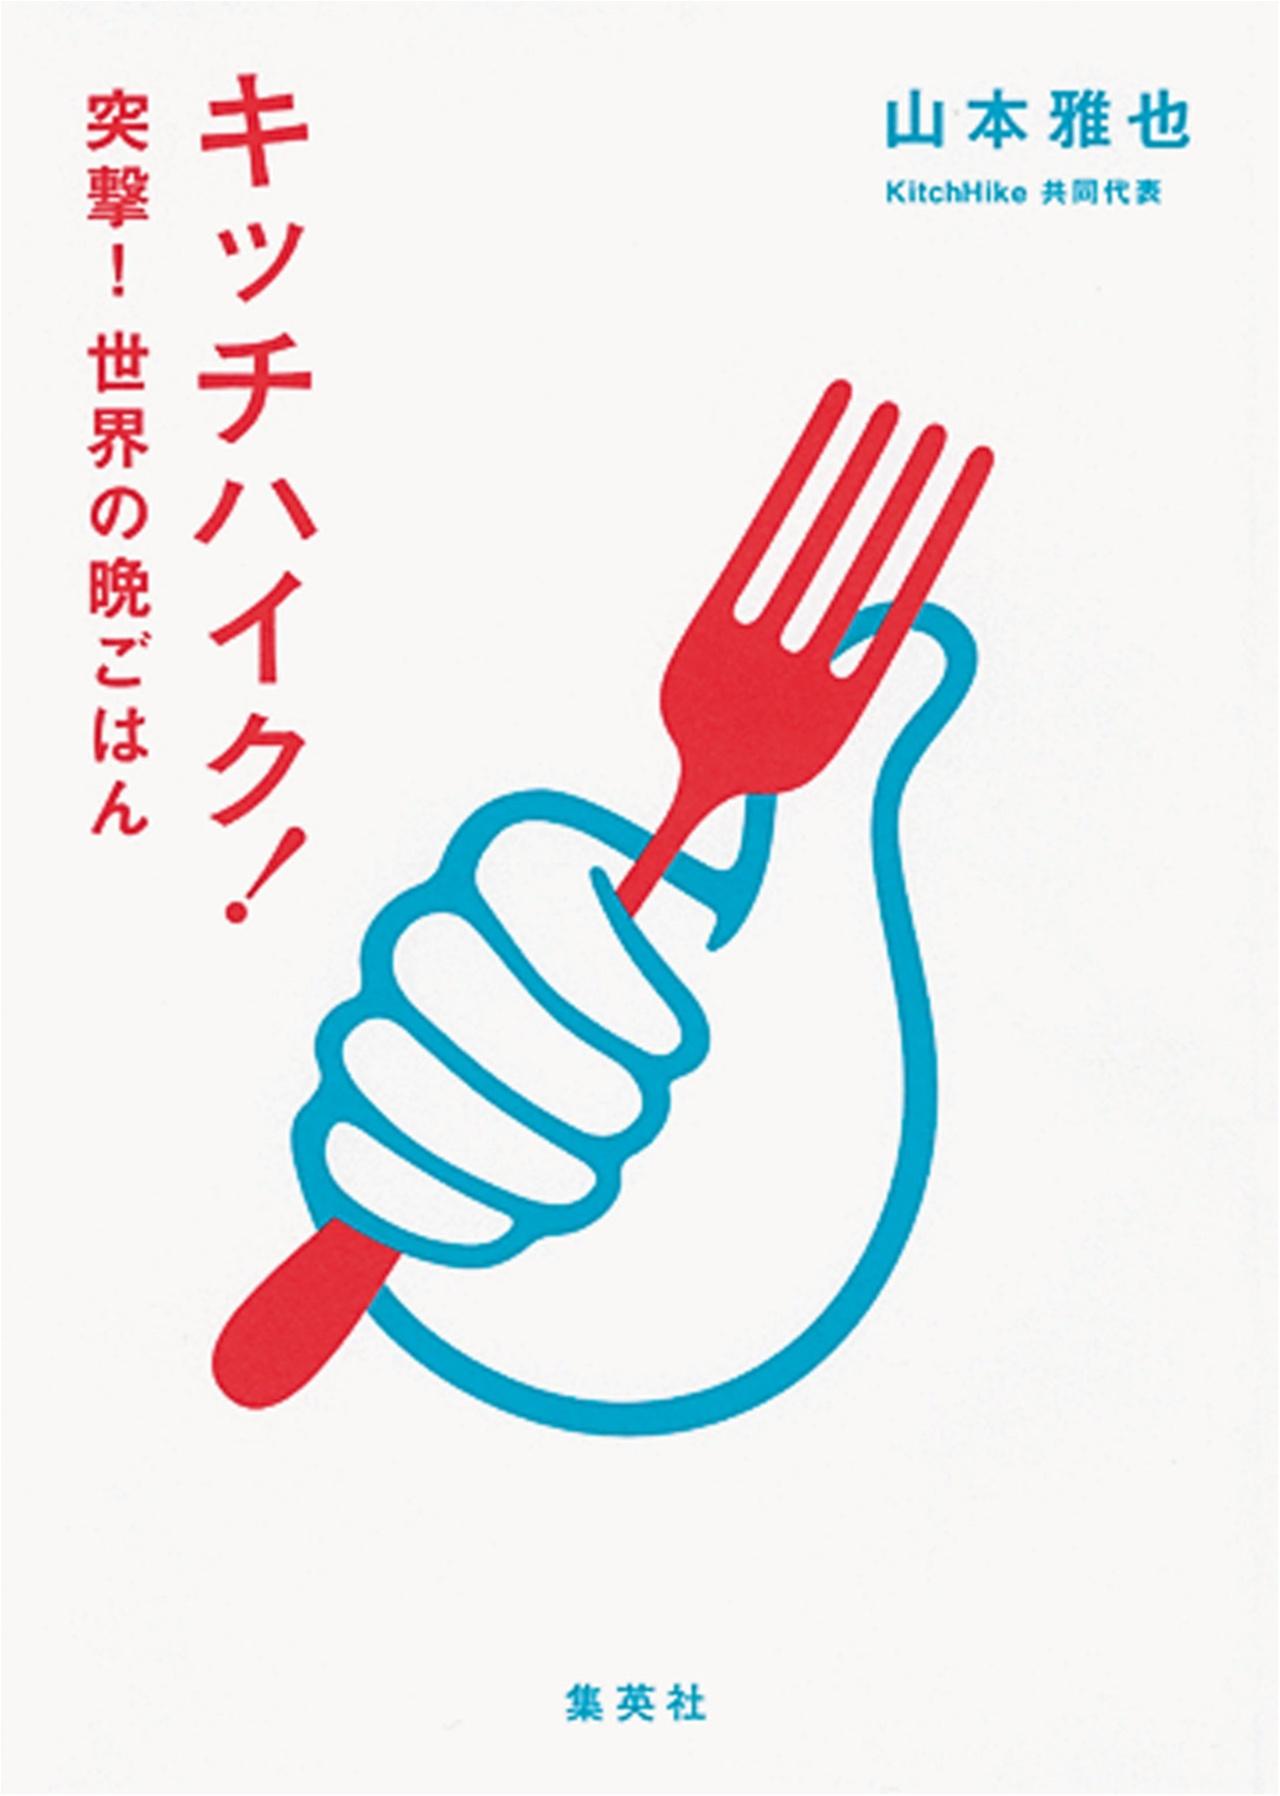 読めばお腹が鳴る&旅に出たくなる! 山本雅也さんの『キッチハイク‼ 突撃! 世界の晩ごはん』など【今月のオススメ☆BOOK】_1